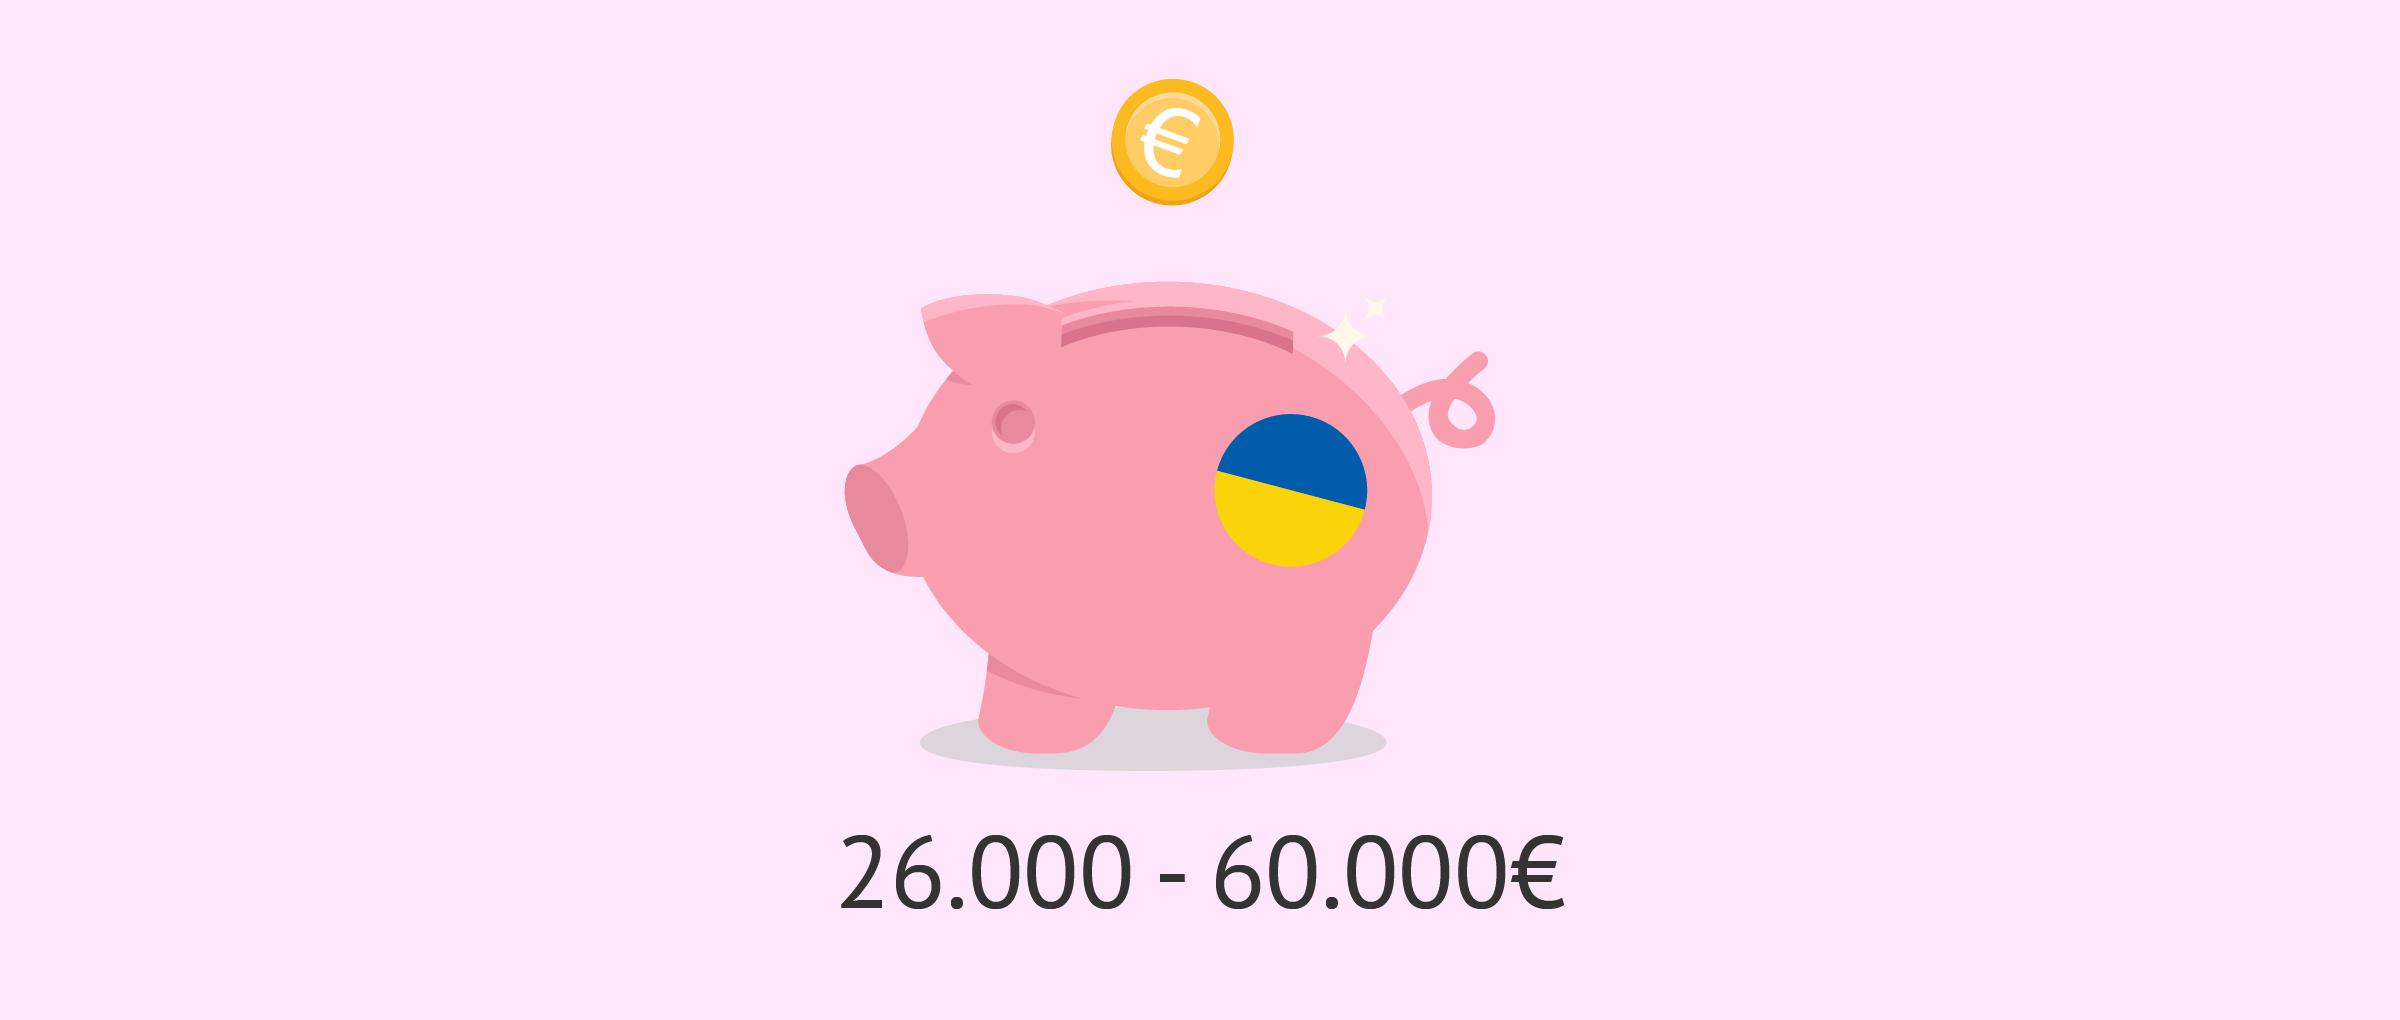 Was die Leihmutterschaft in der Ukraine kostet